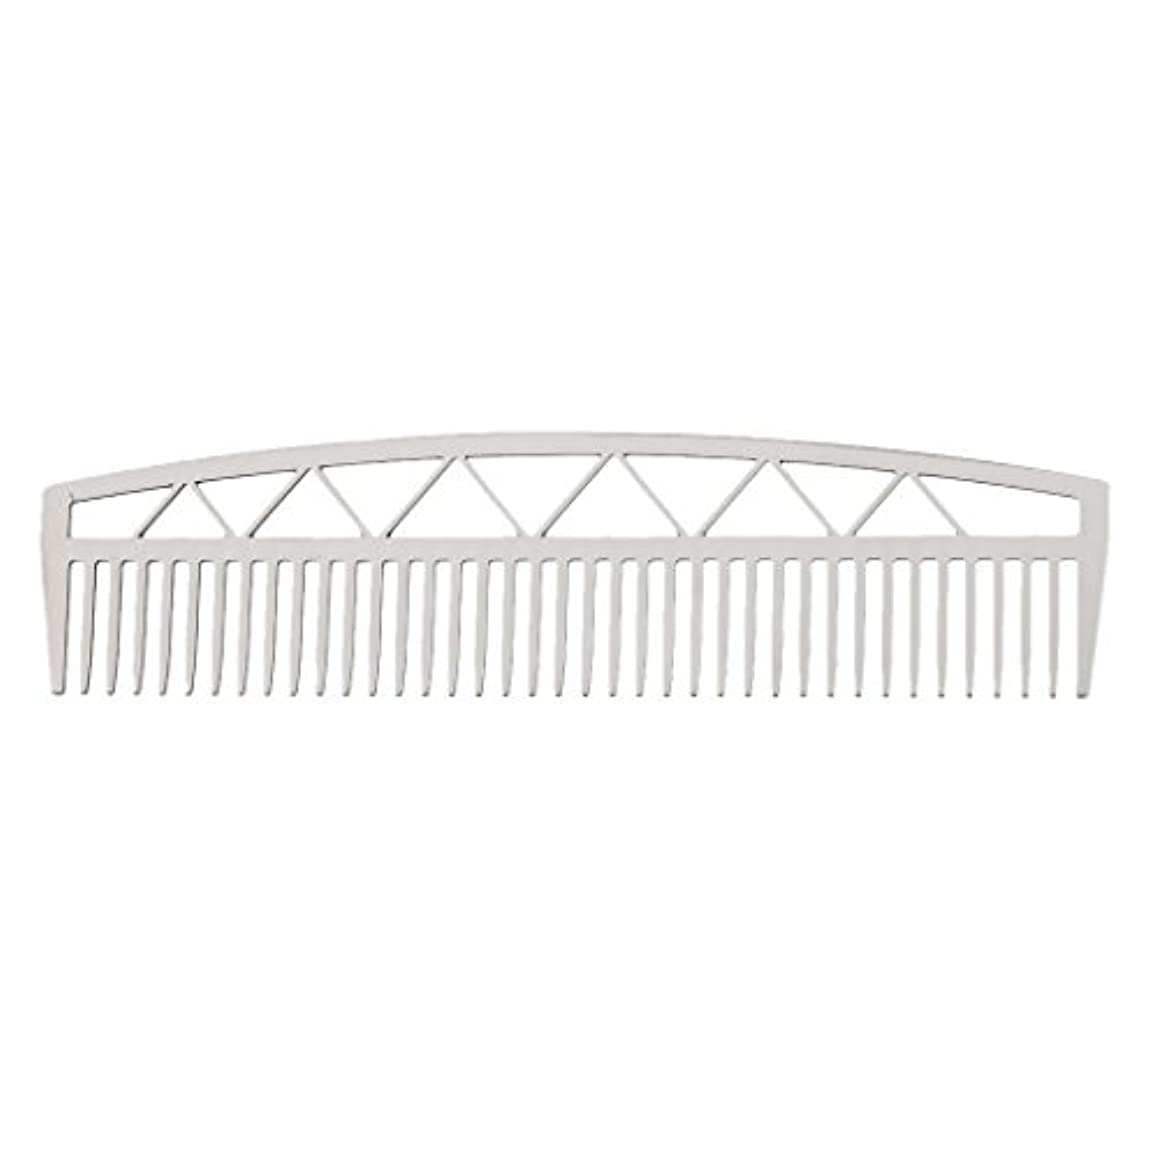 南方のすり測定ビアードコーム ヘアコーム ステンレス鋼 ひげ櫛 メンズ 便利 2タイプ - #2